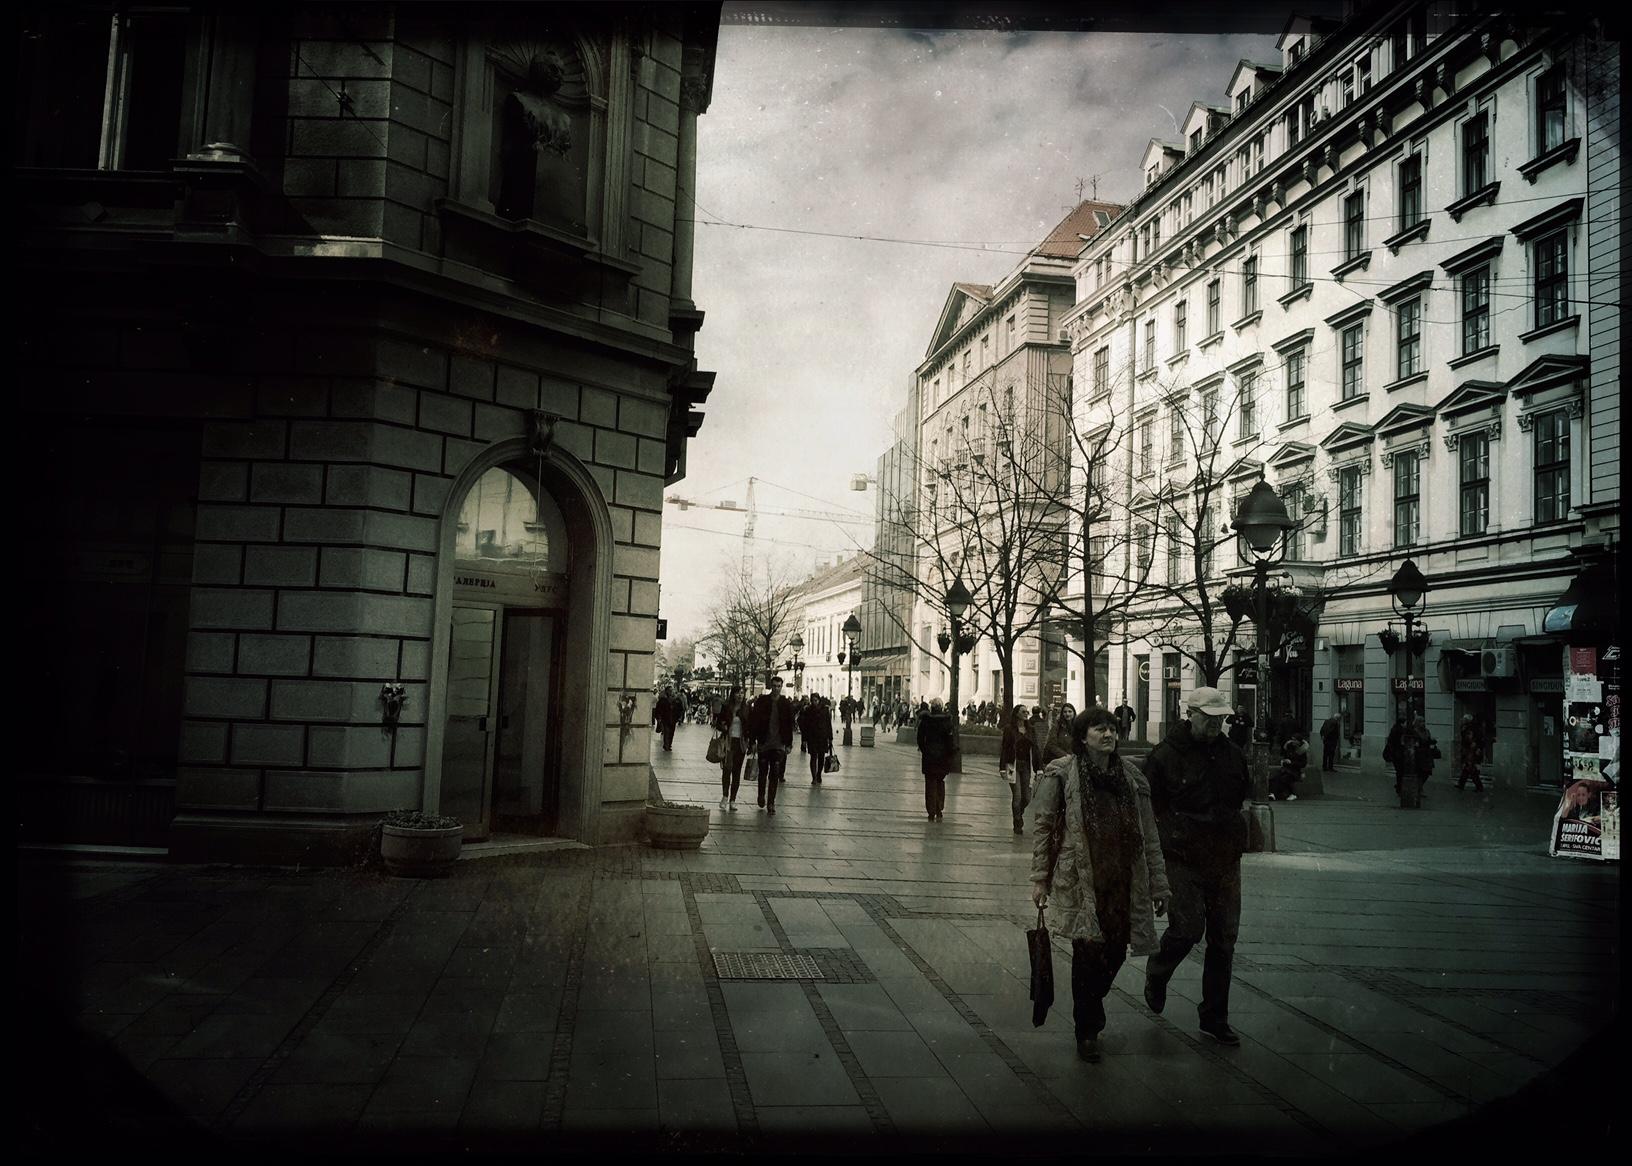 Foto: Jovan Čekić